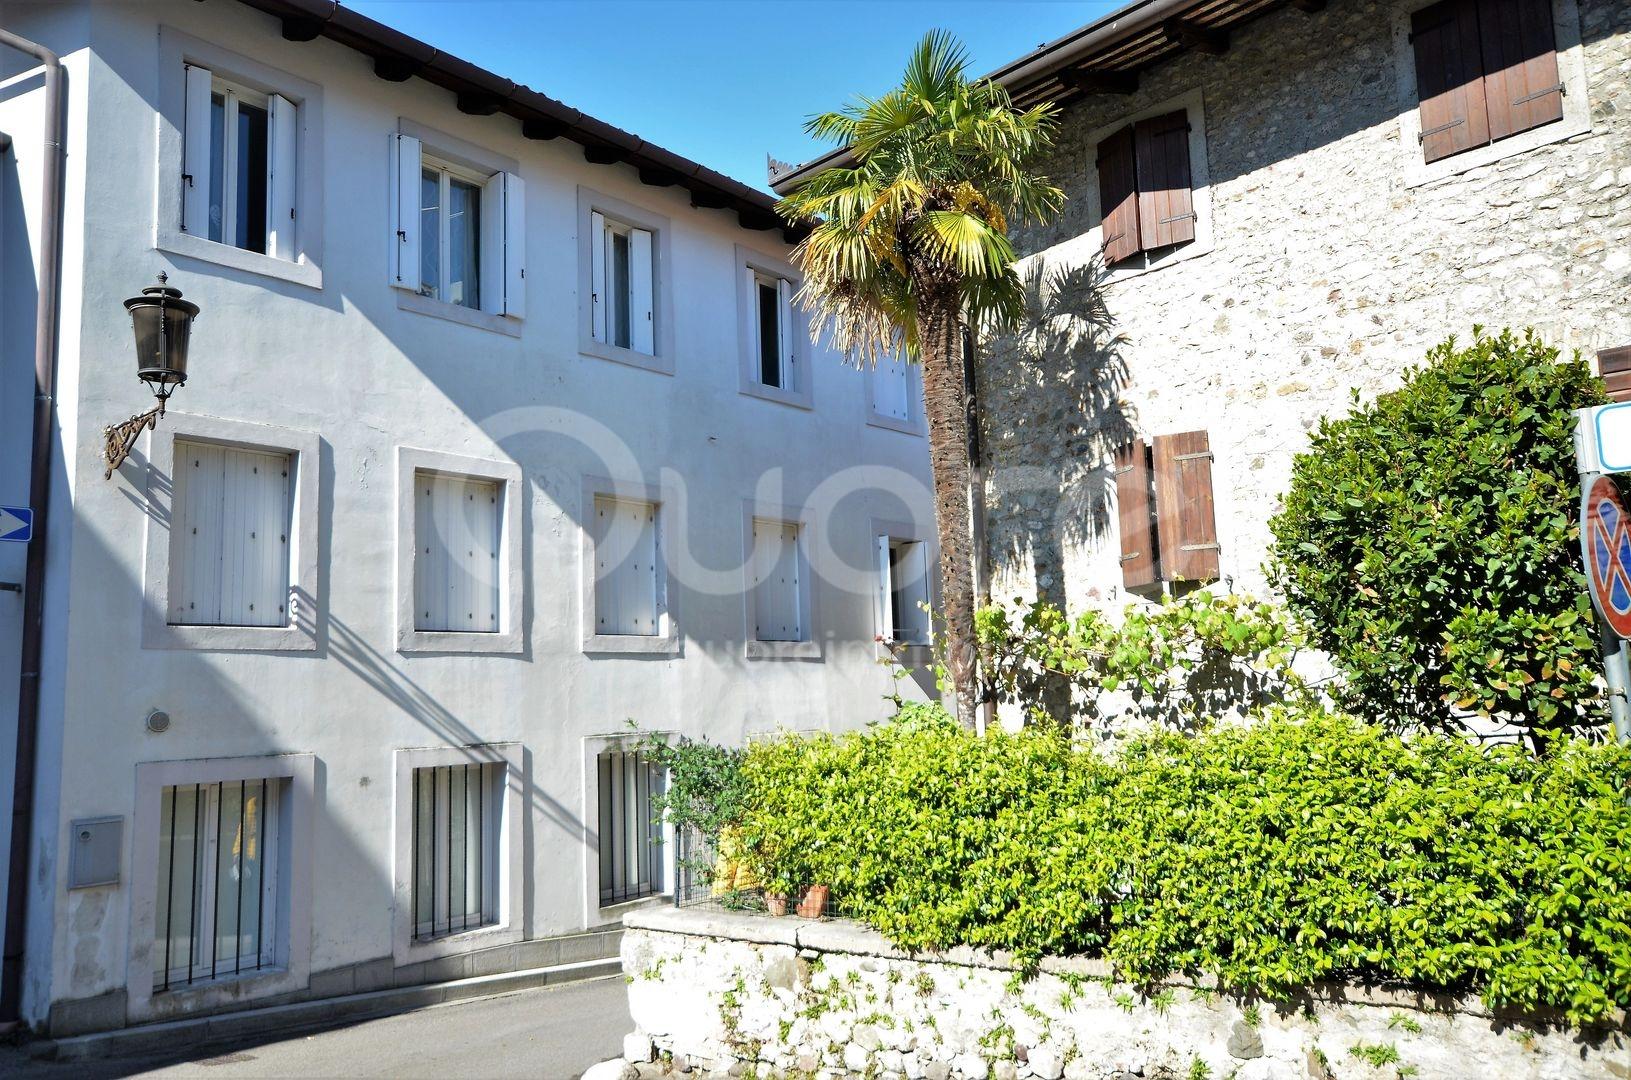 Appartamento in vendita a San Daniele del Friuli, 5 locali, zona Località: CentroStorico, prezzo € 185.000 | Cambio Casa.it